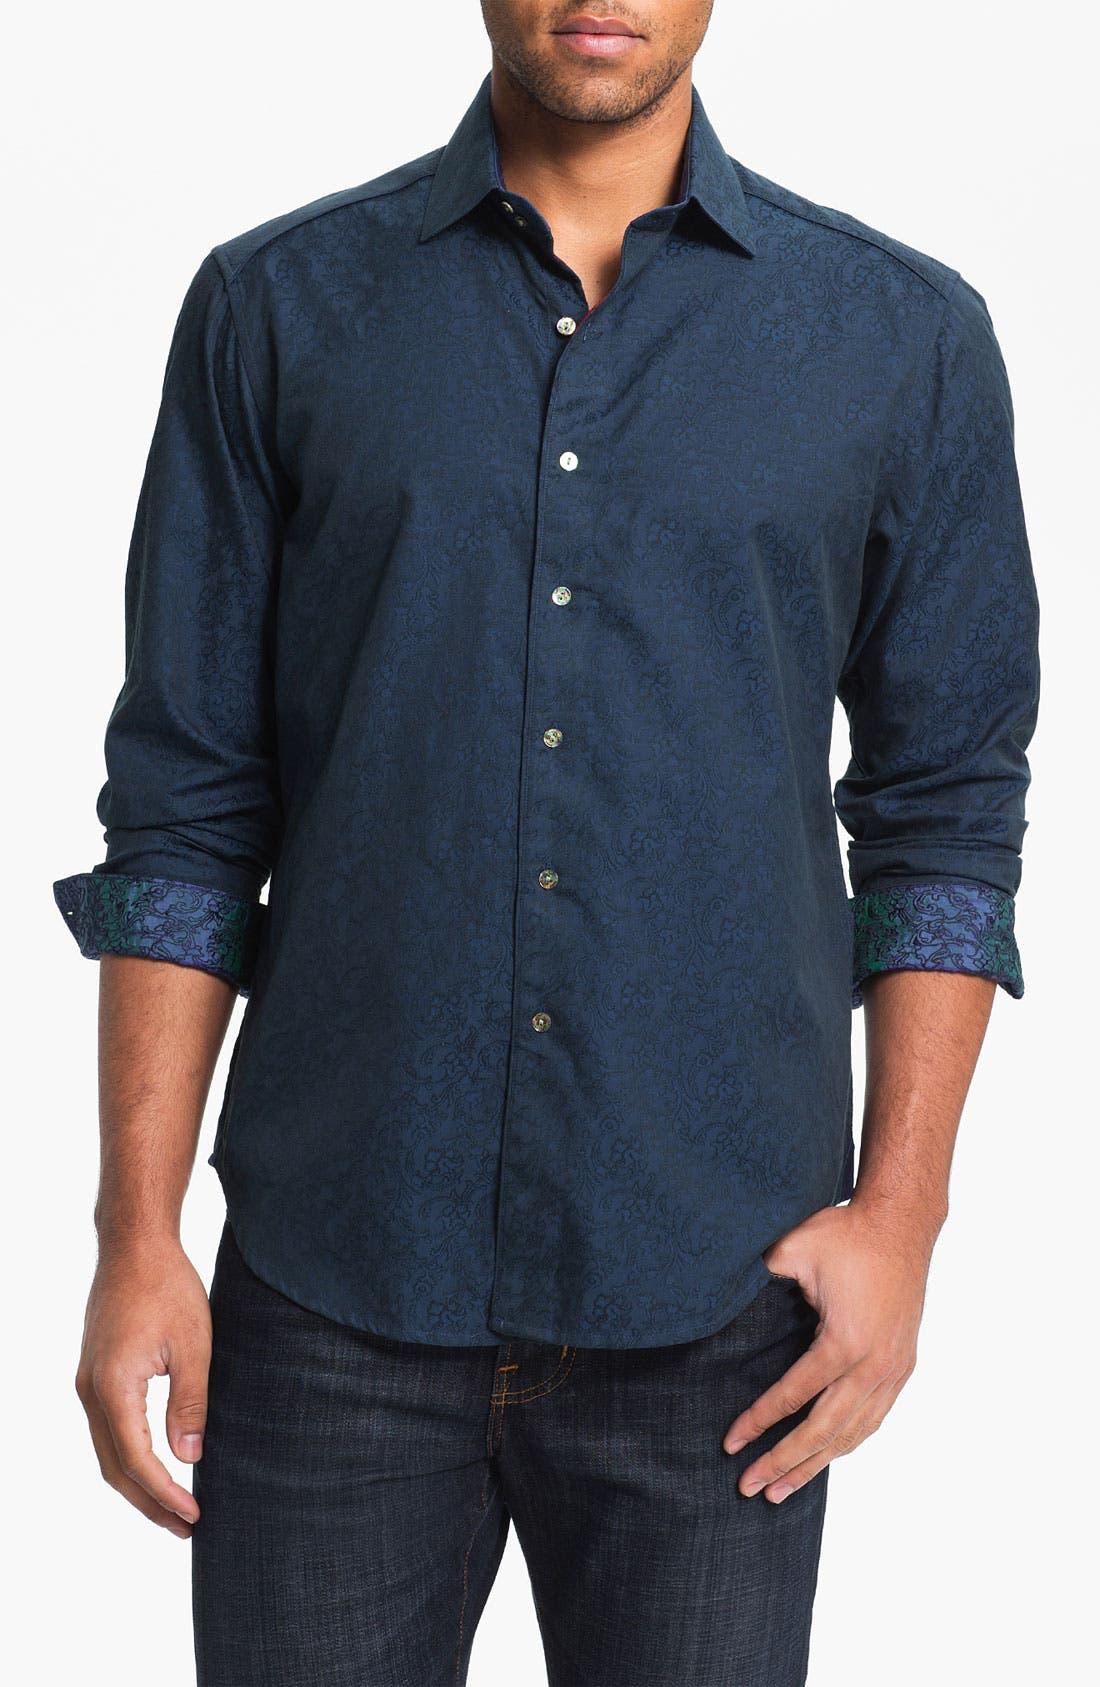 Alternate Image 1 Selected - Robert Graham 'Back Flip' Sport Shirt